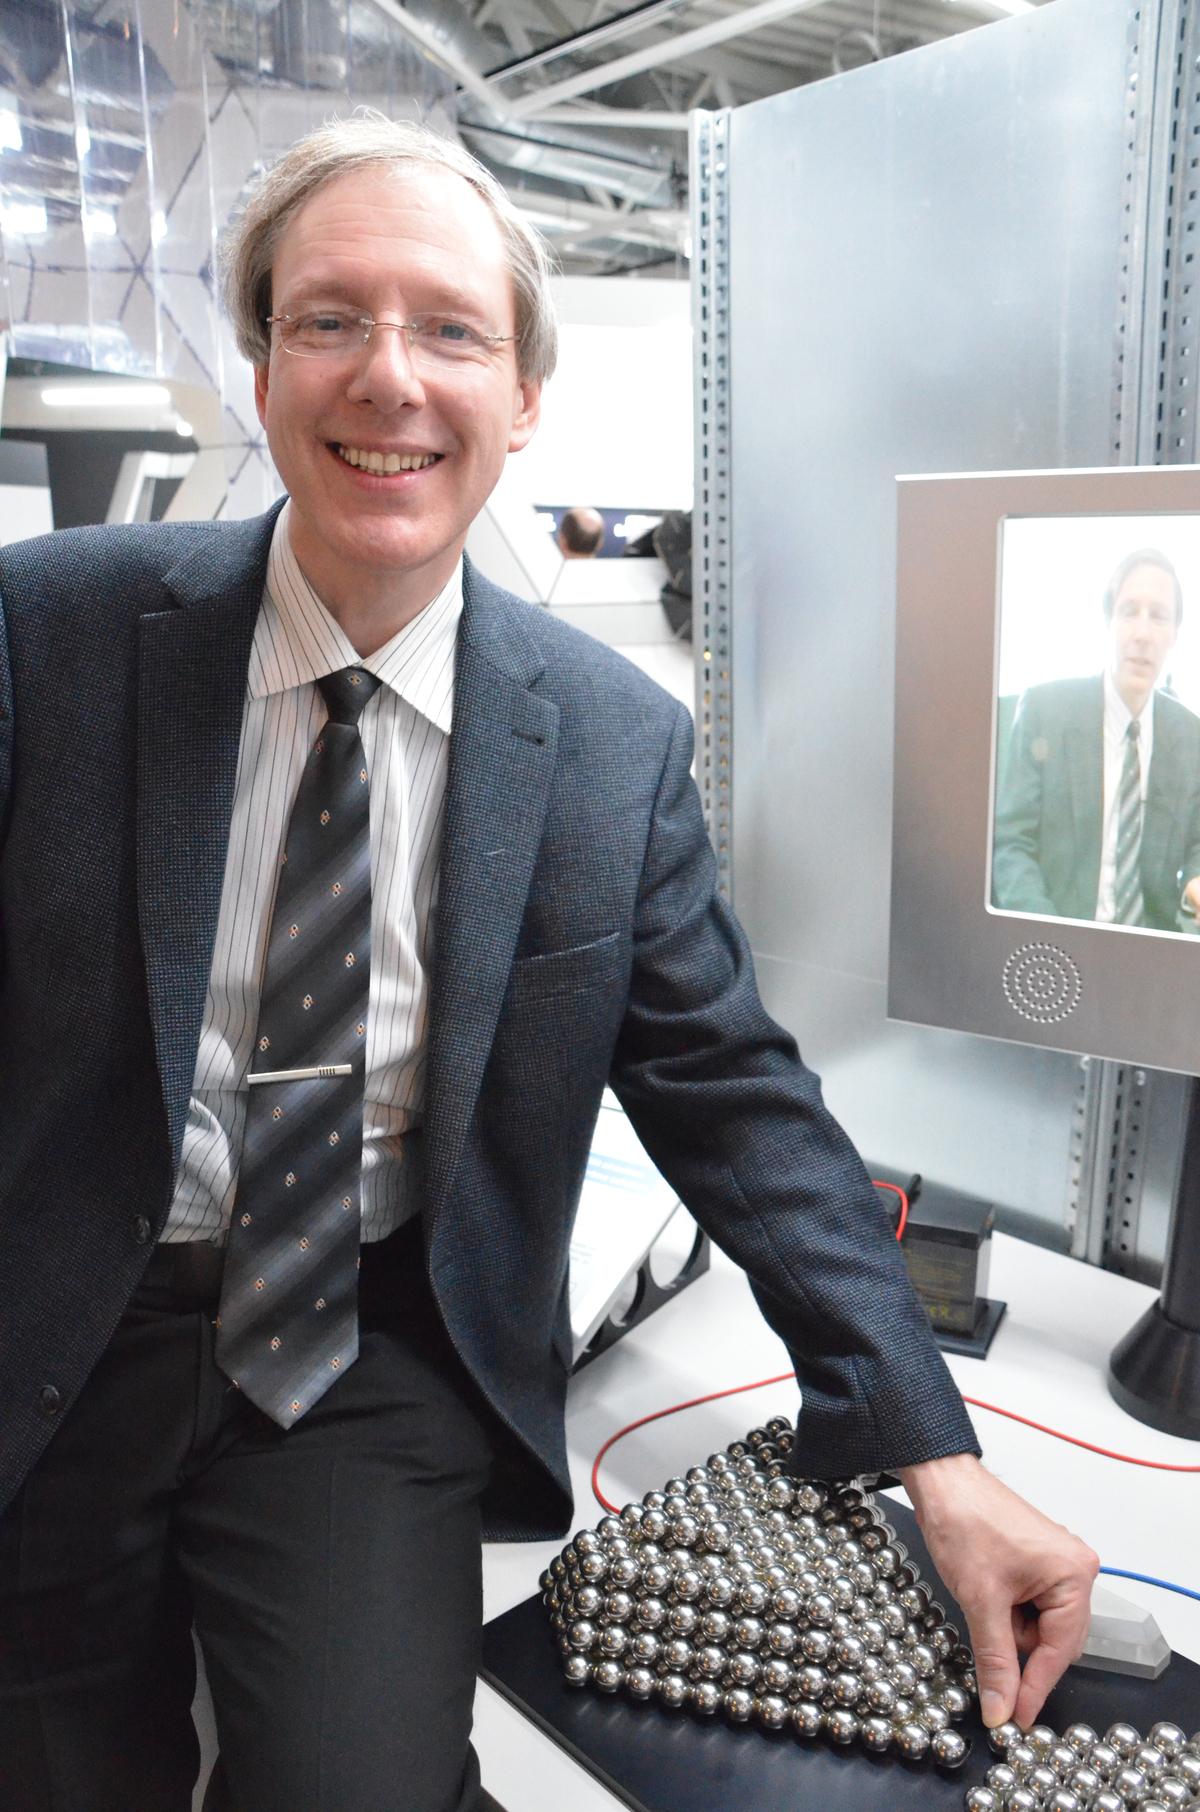 Dr. Schimmel Dortmund